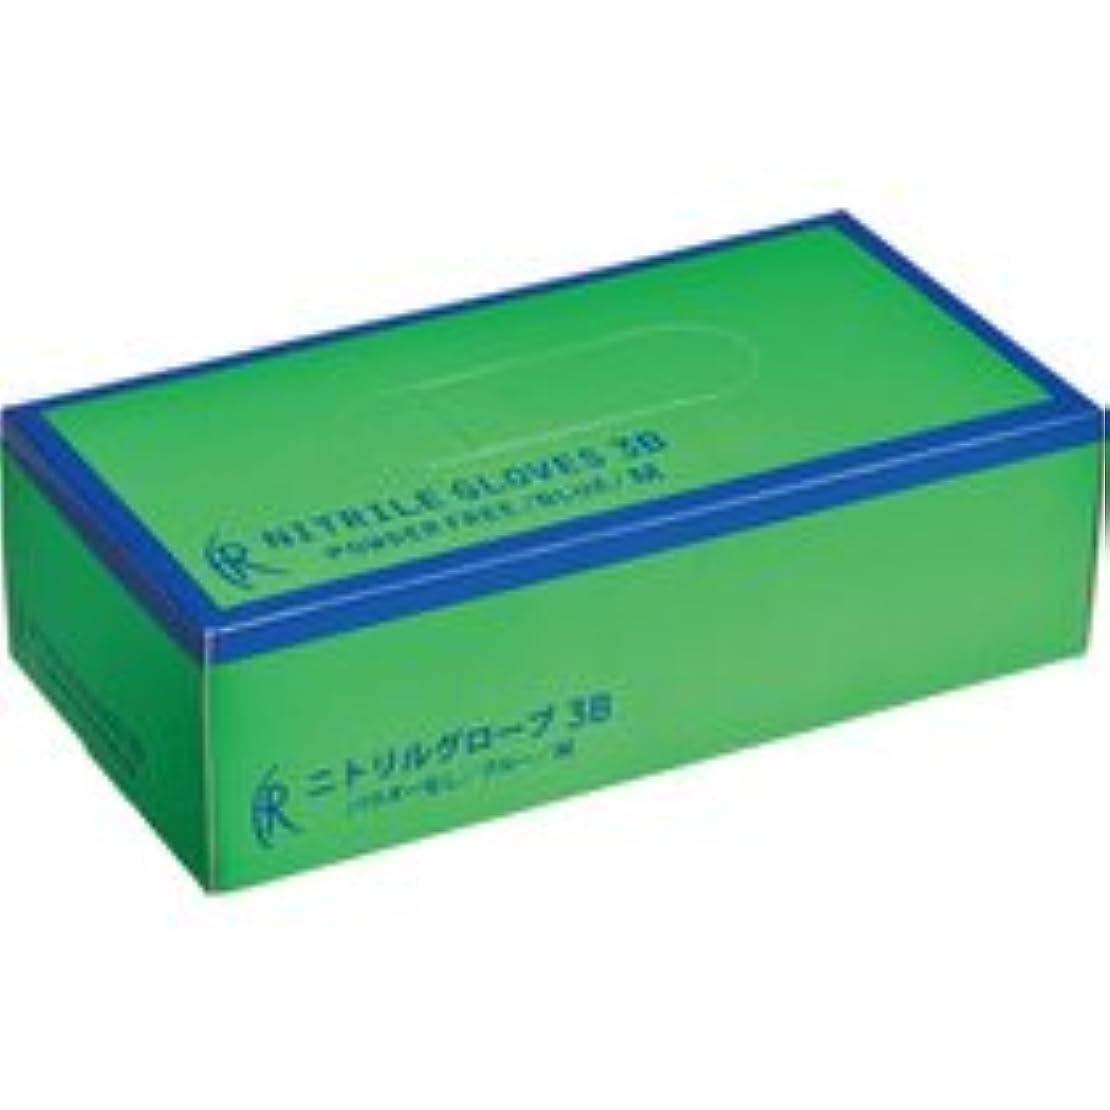 きゅうり匹敵します不利ファーストレイト ニトリルグローブ3B パウダーフリー M FR-5662 1箱(200枚)